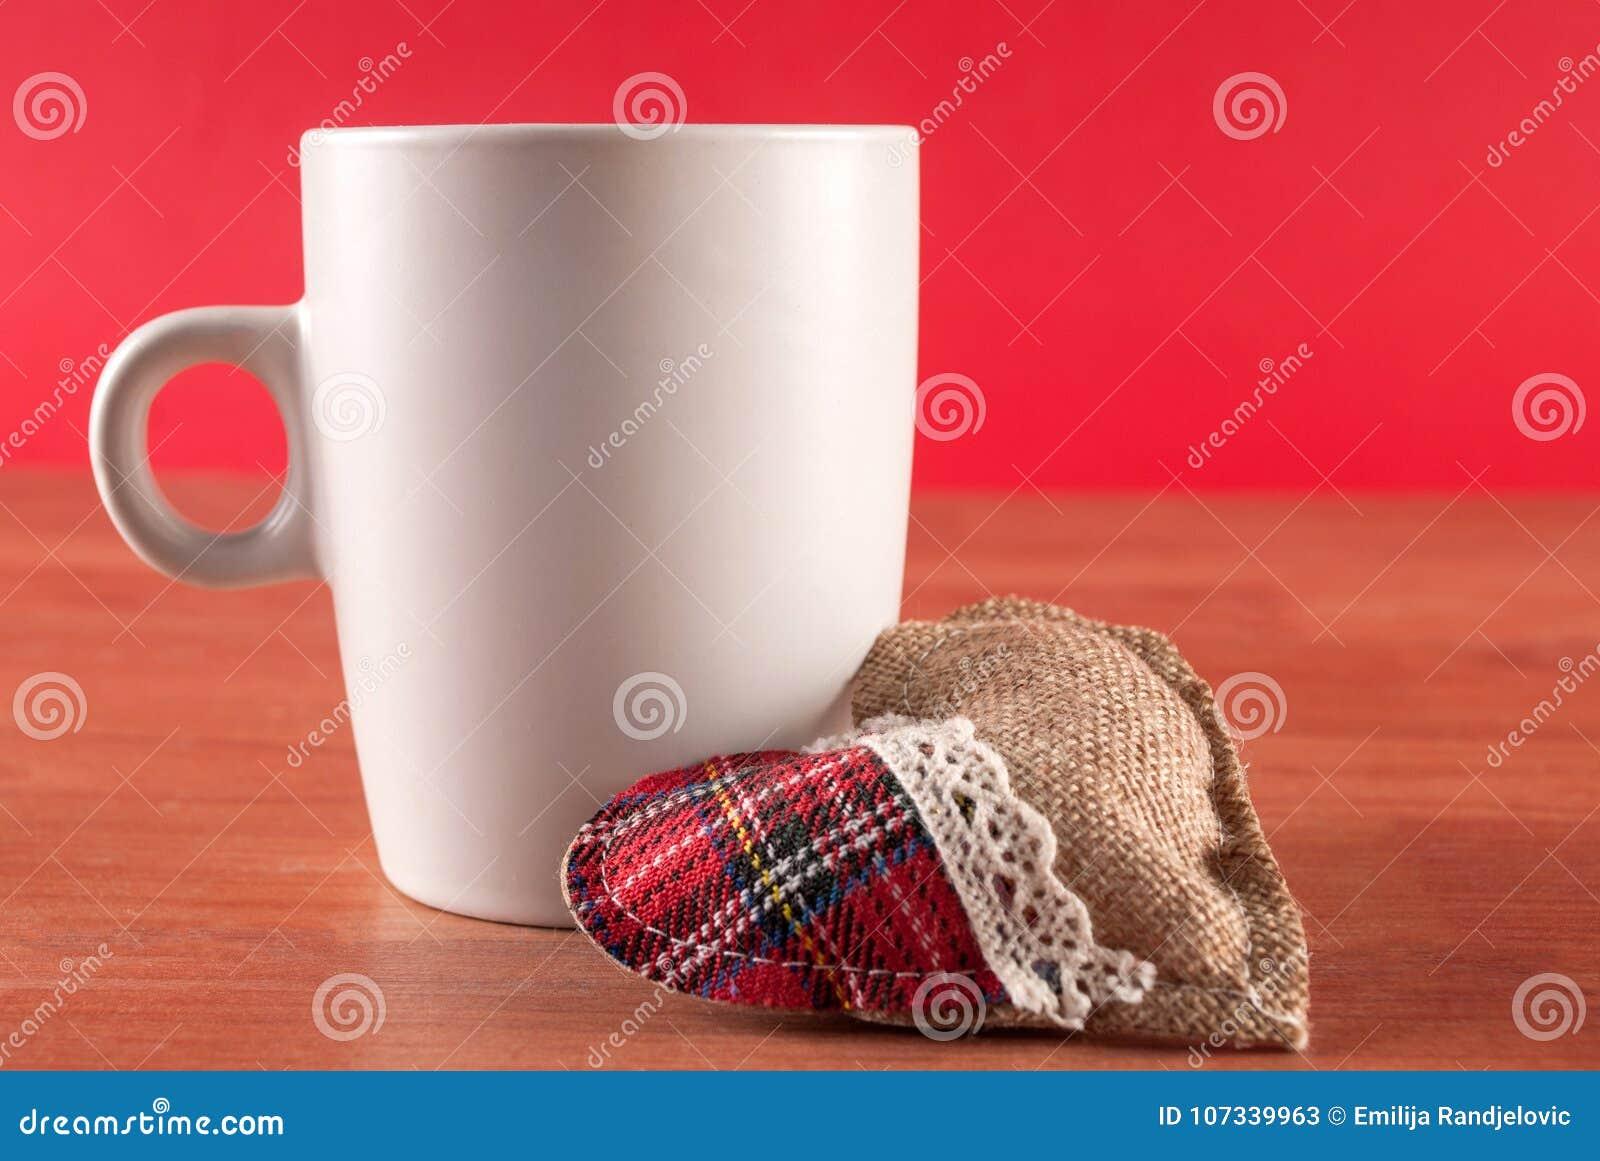 Filiżanka kawy i hearth na drewnianym tle biurka i czerwieni